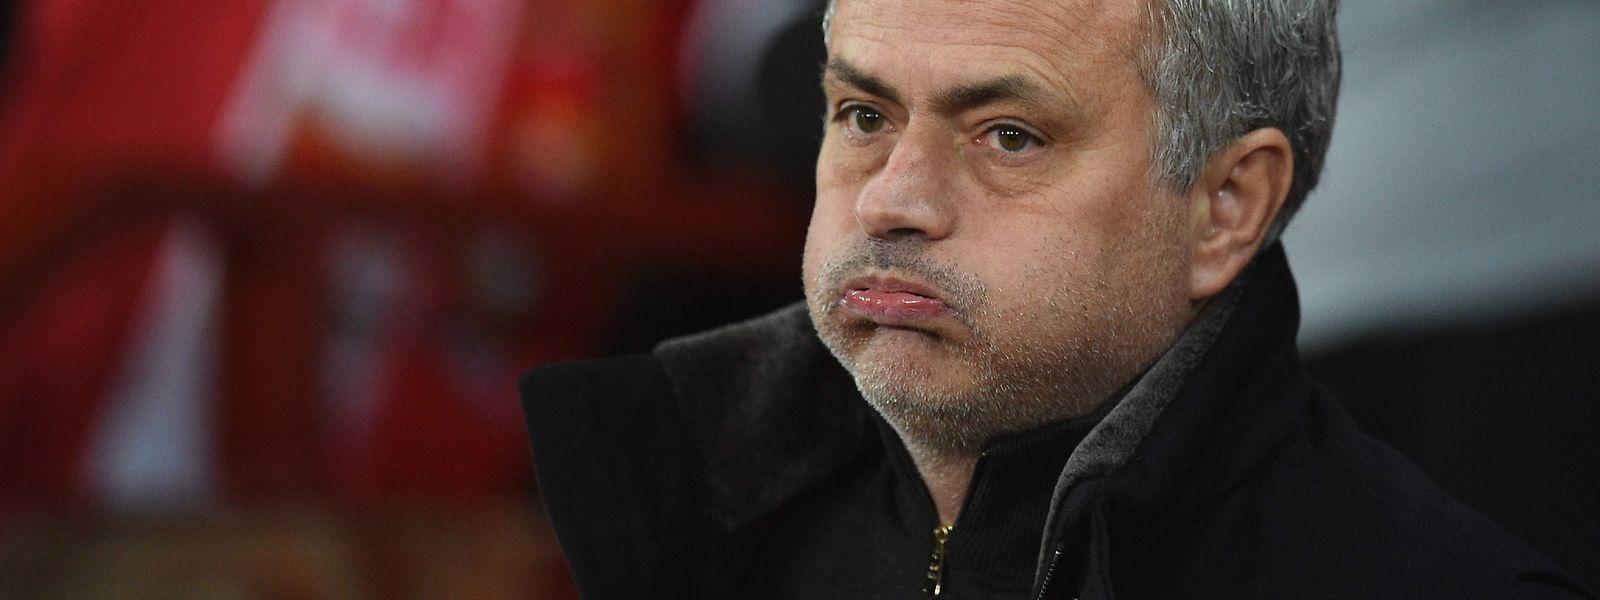 José Mourinho, seit 18. Dezember ohne Job, hat derzeit wenig Grund zum Lachen.